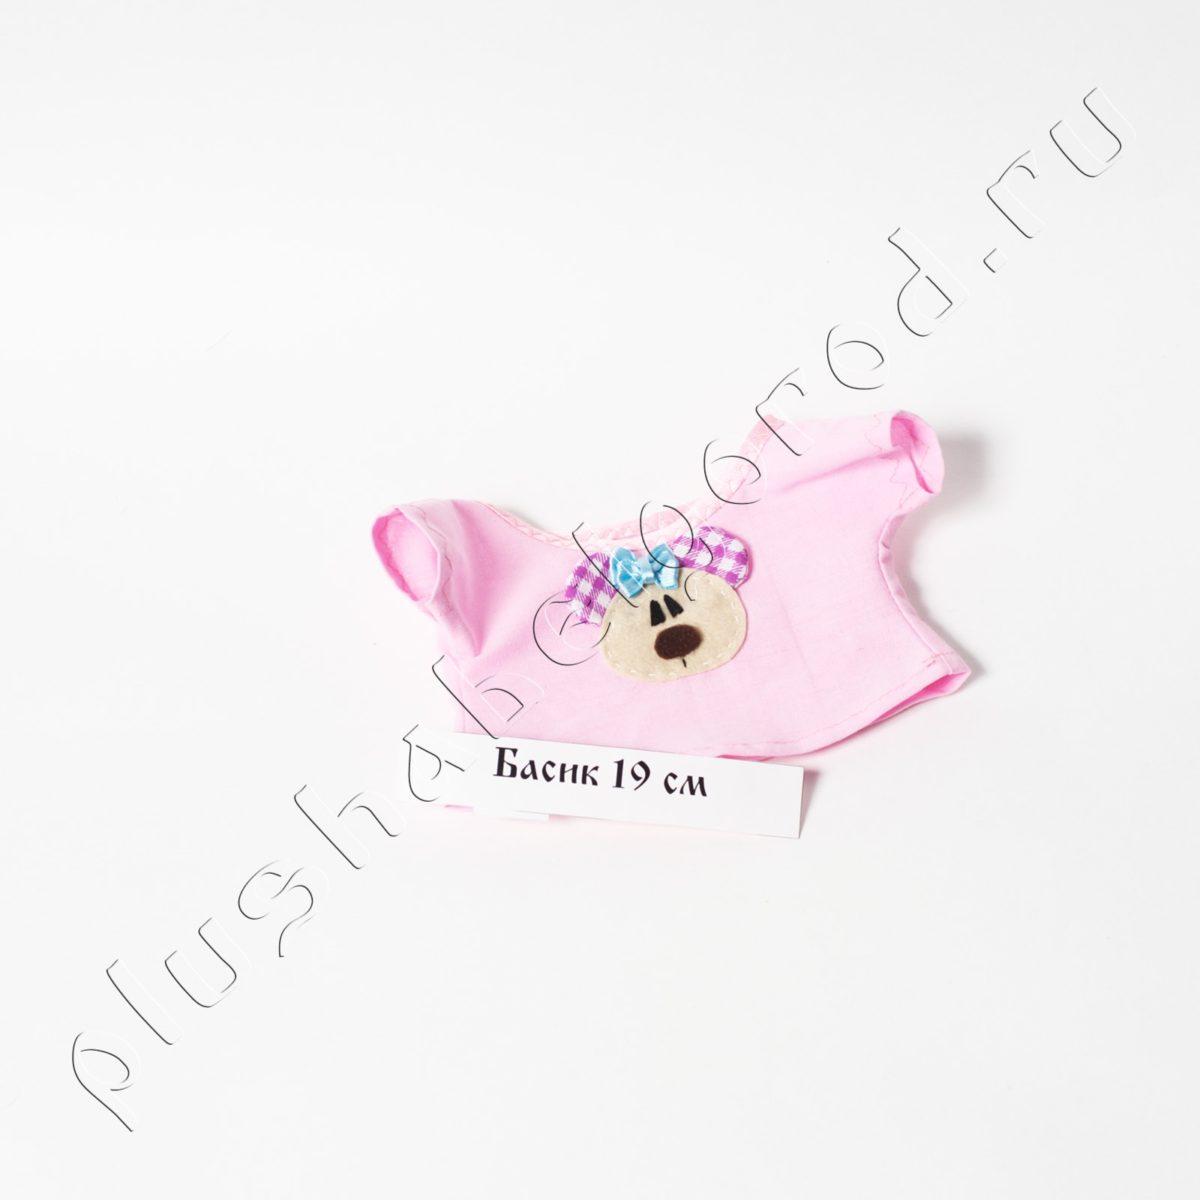 Футболка розовая с милым мишкой для 19 см